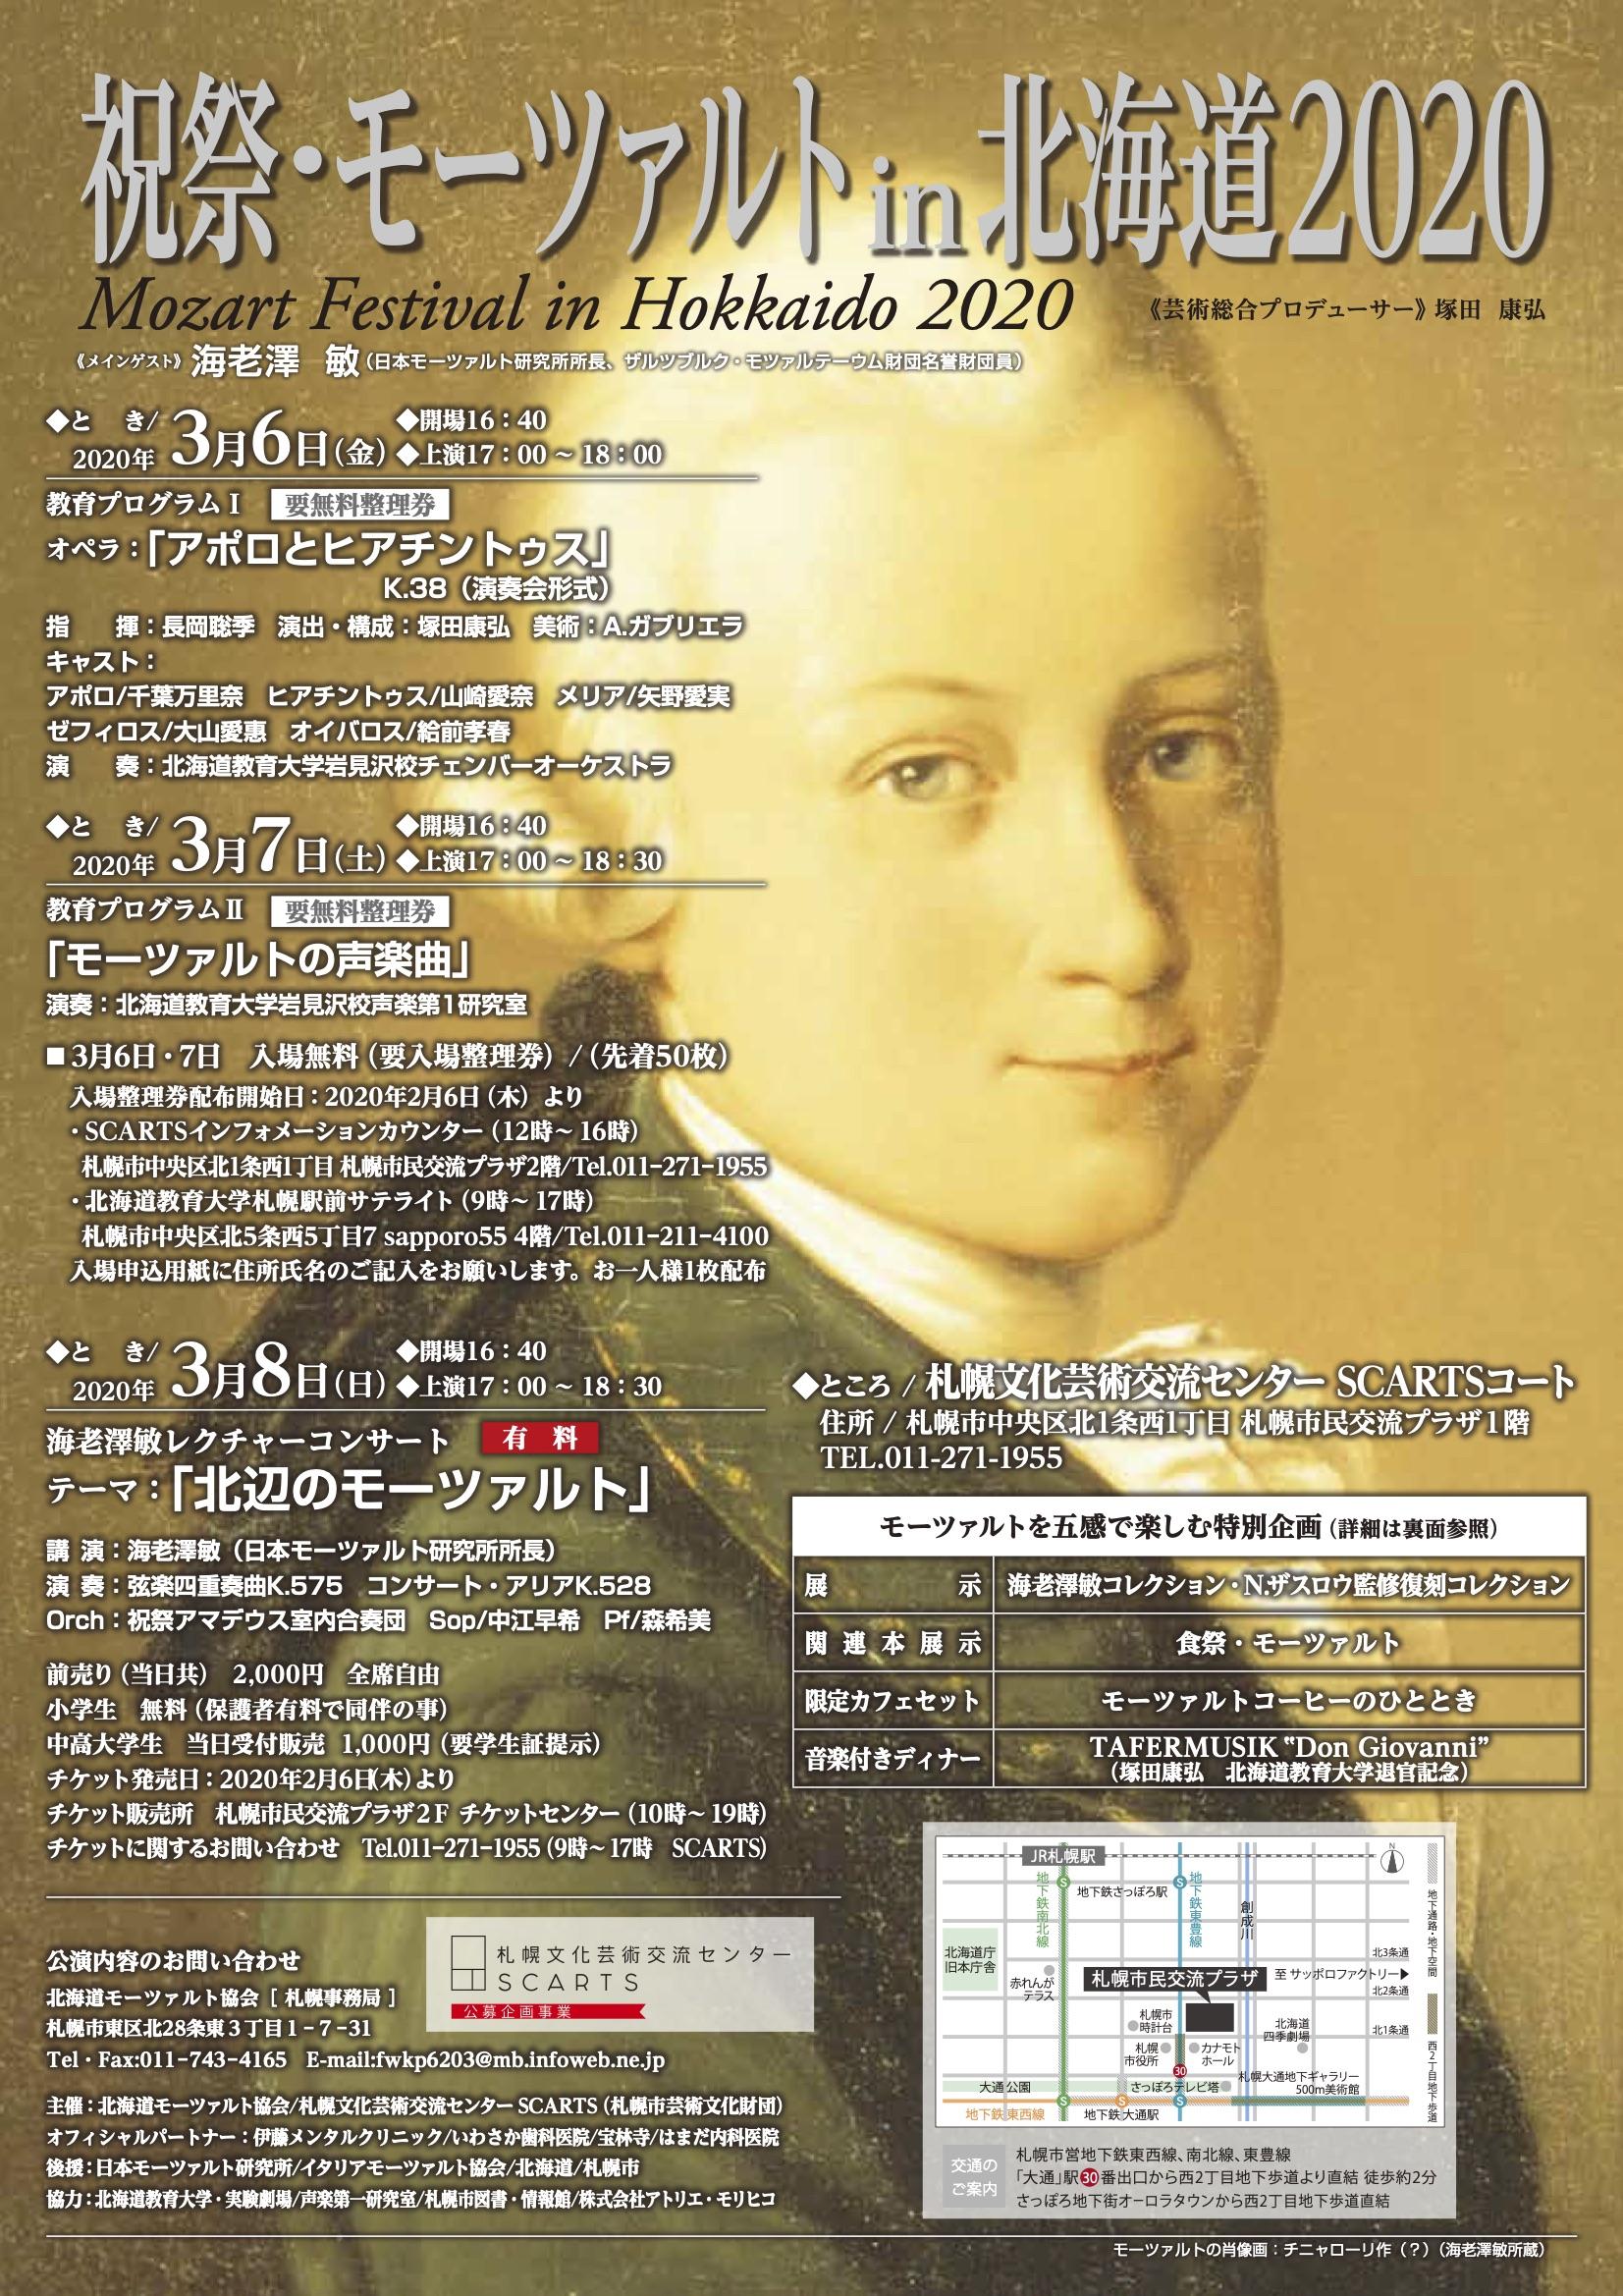 祝祭・モーツァルト in 北海道2020延期のお知らせ